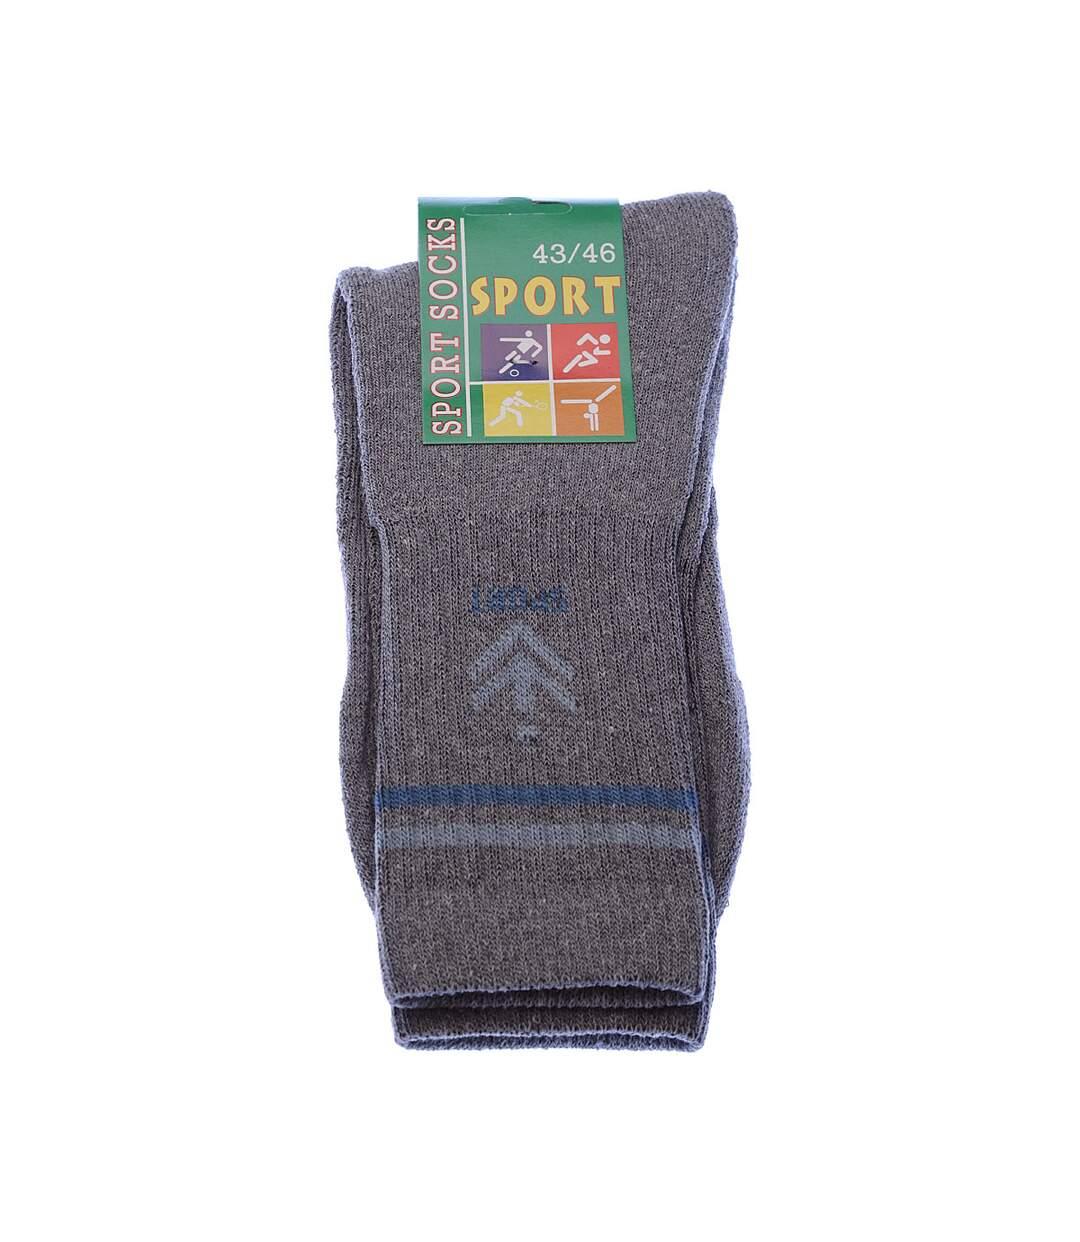 Dégagement Chaussette Mi-Hautes Lot de 5 Sans bouclette Epaisse Coton Gris Sport socks dsf.d455nksdKLFHG